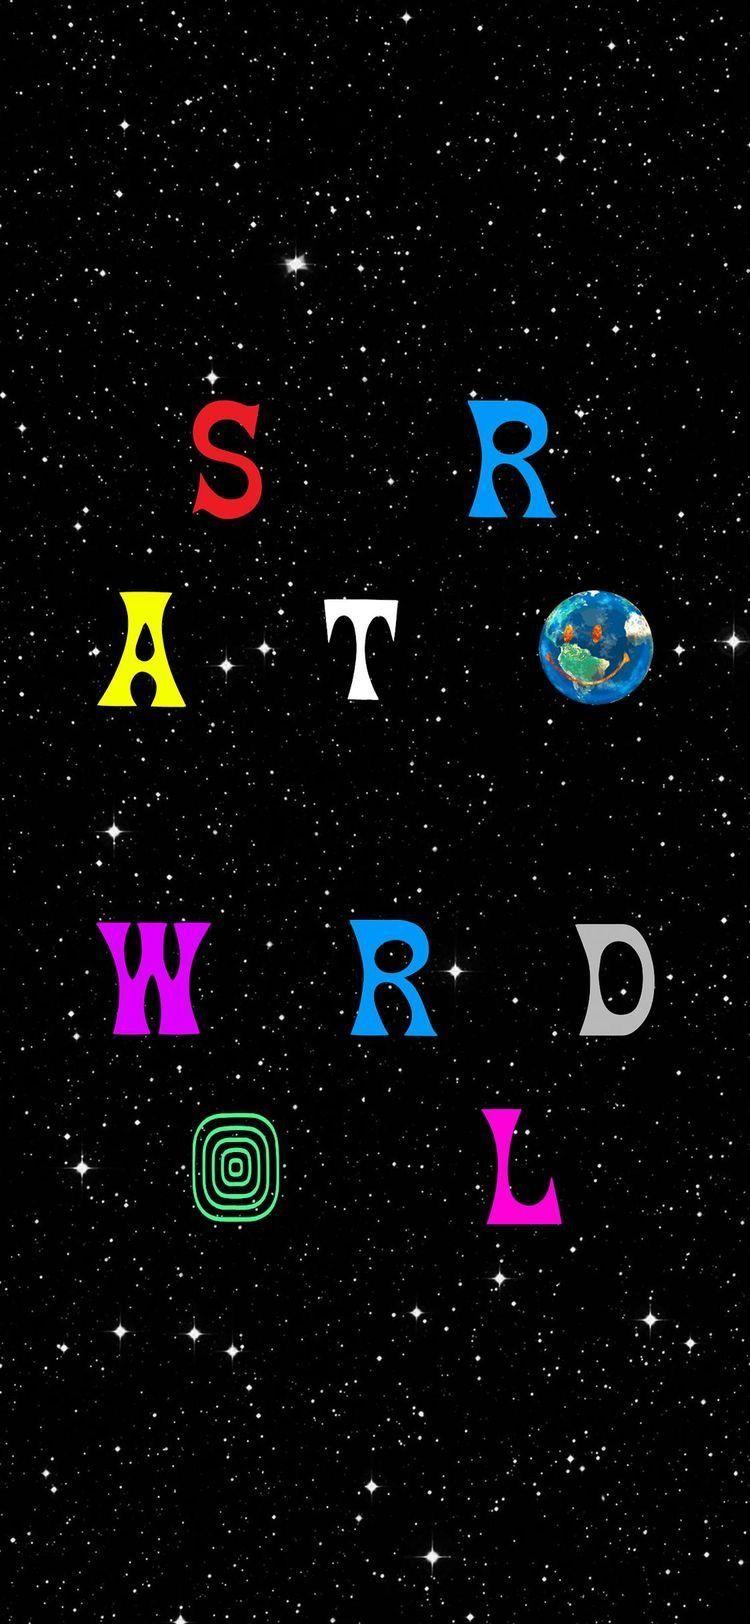 Travisscottwallpapers Travis Scott Wallpapers Iphone Wallpaper Music Hype Wallpaper